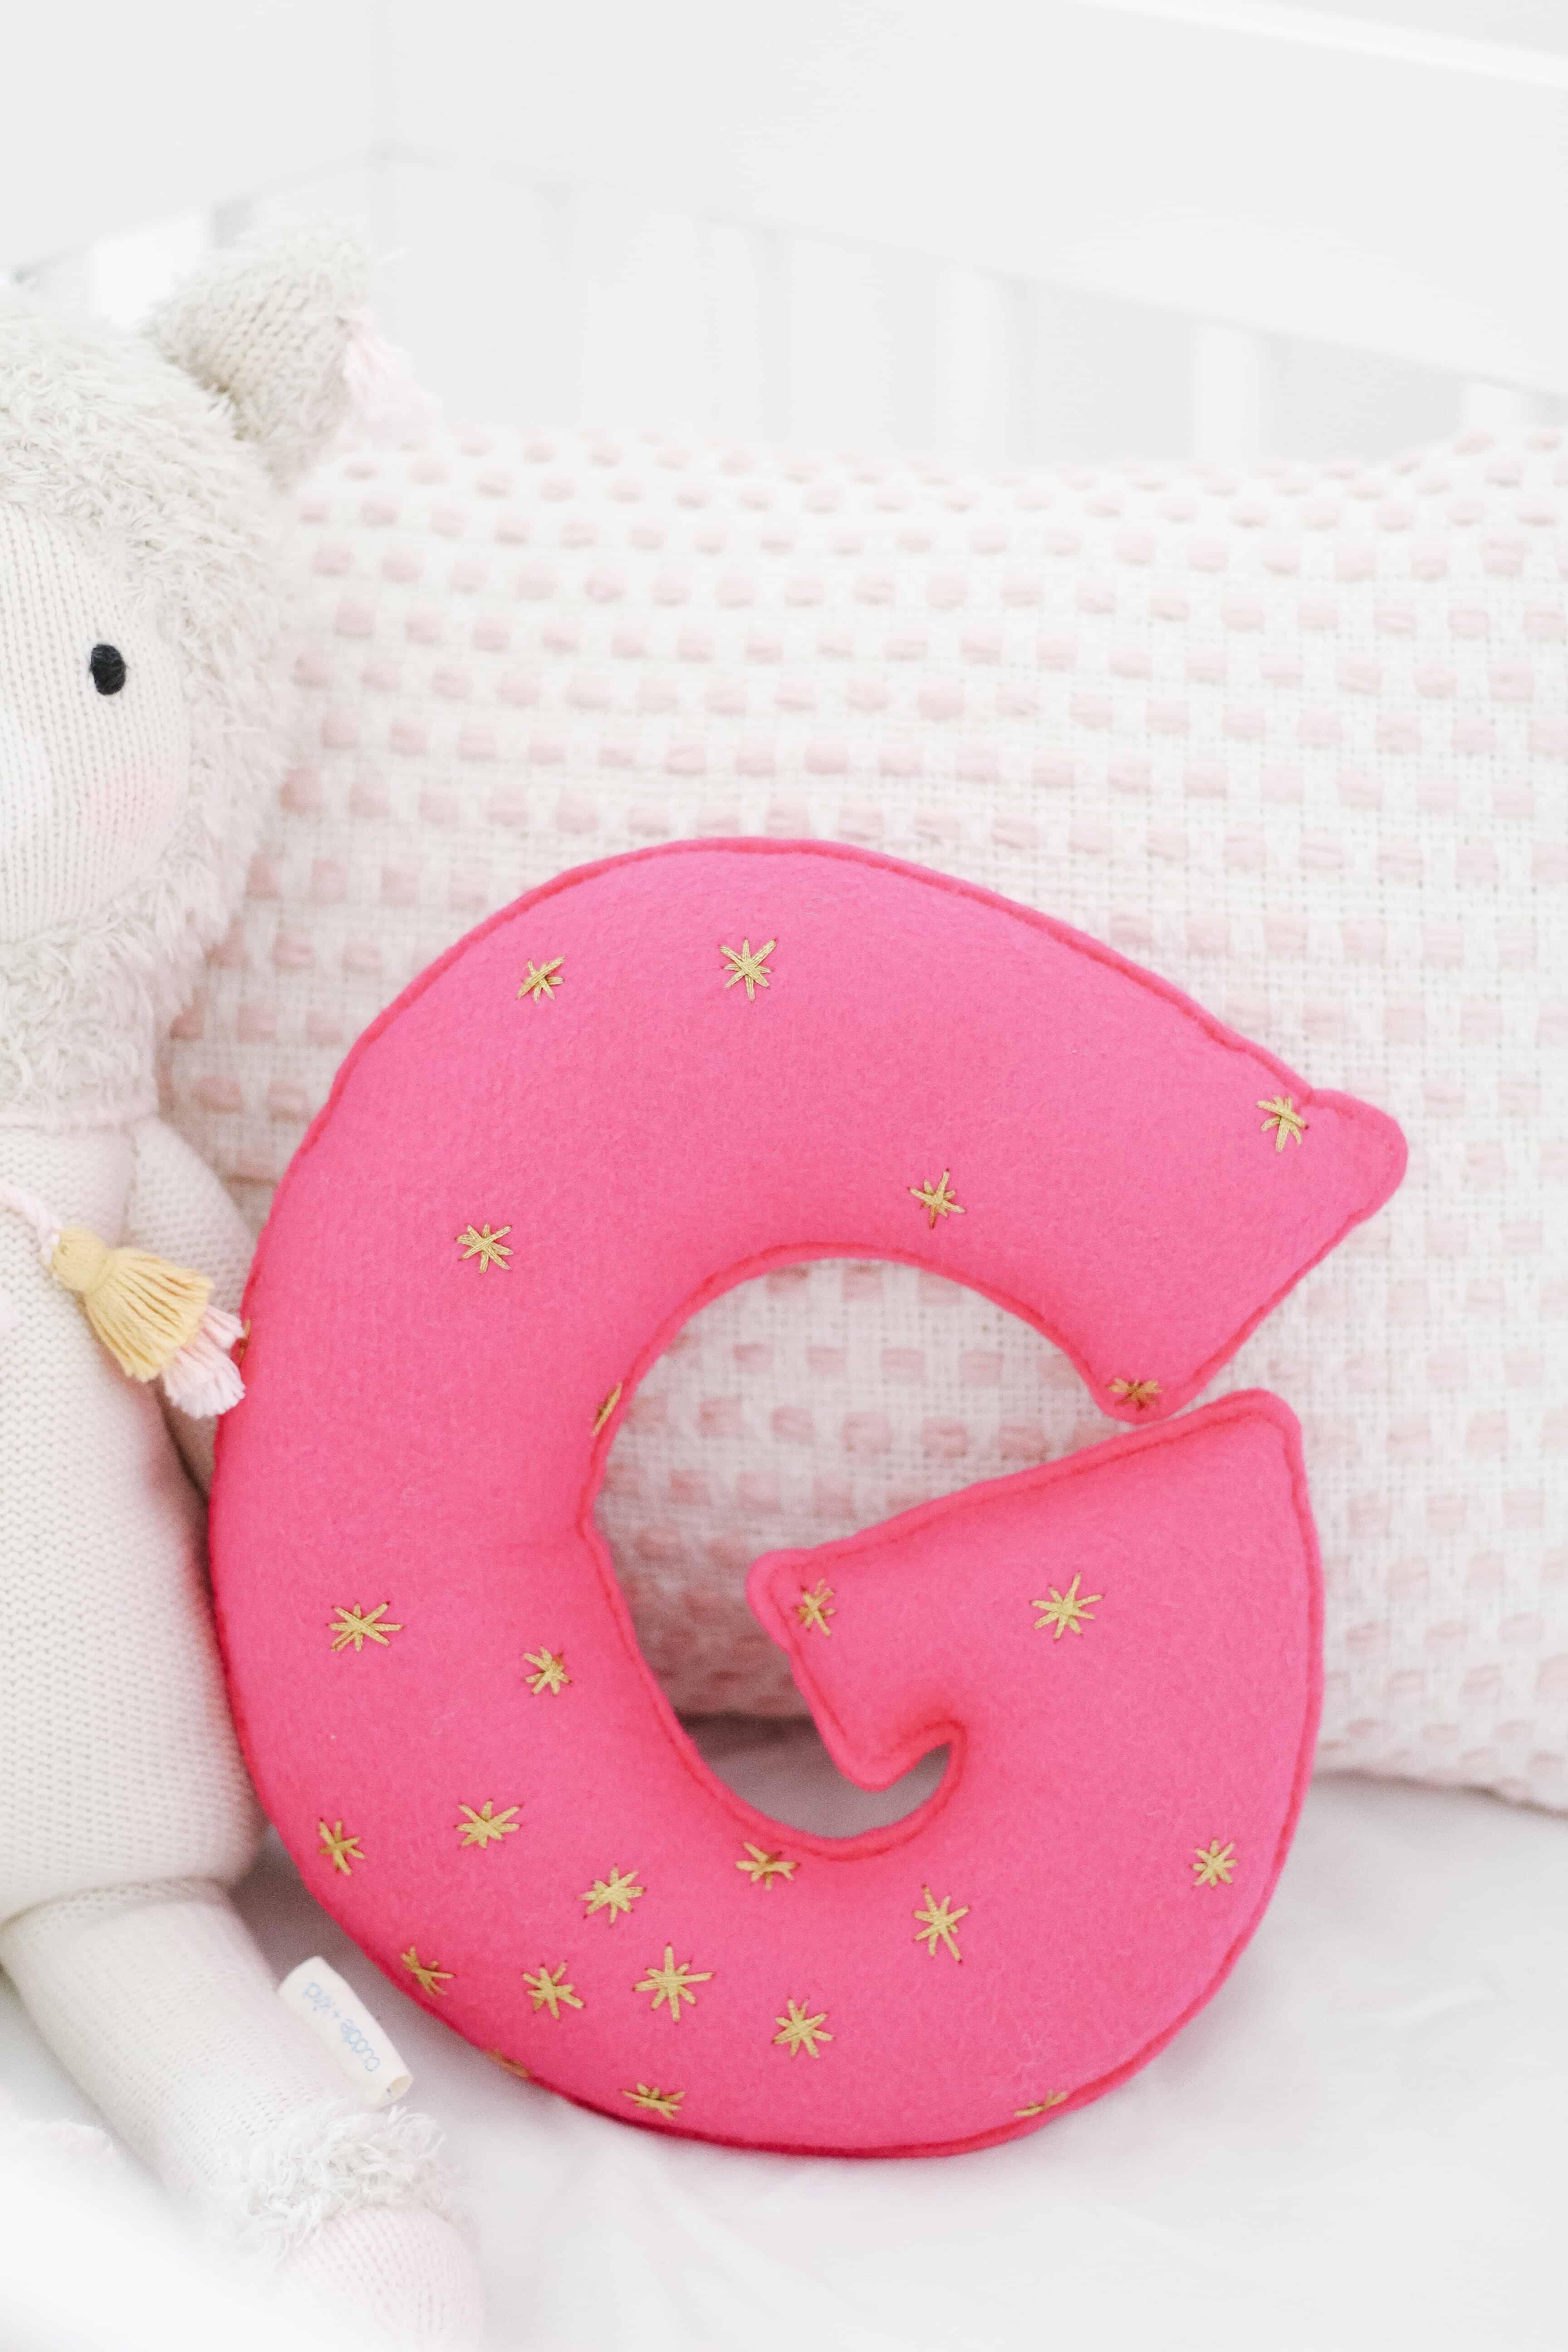 Hot pink G Pillow